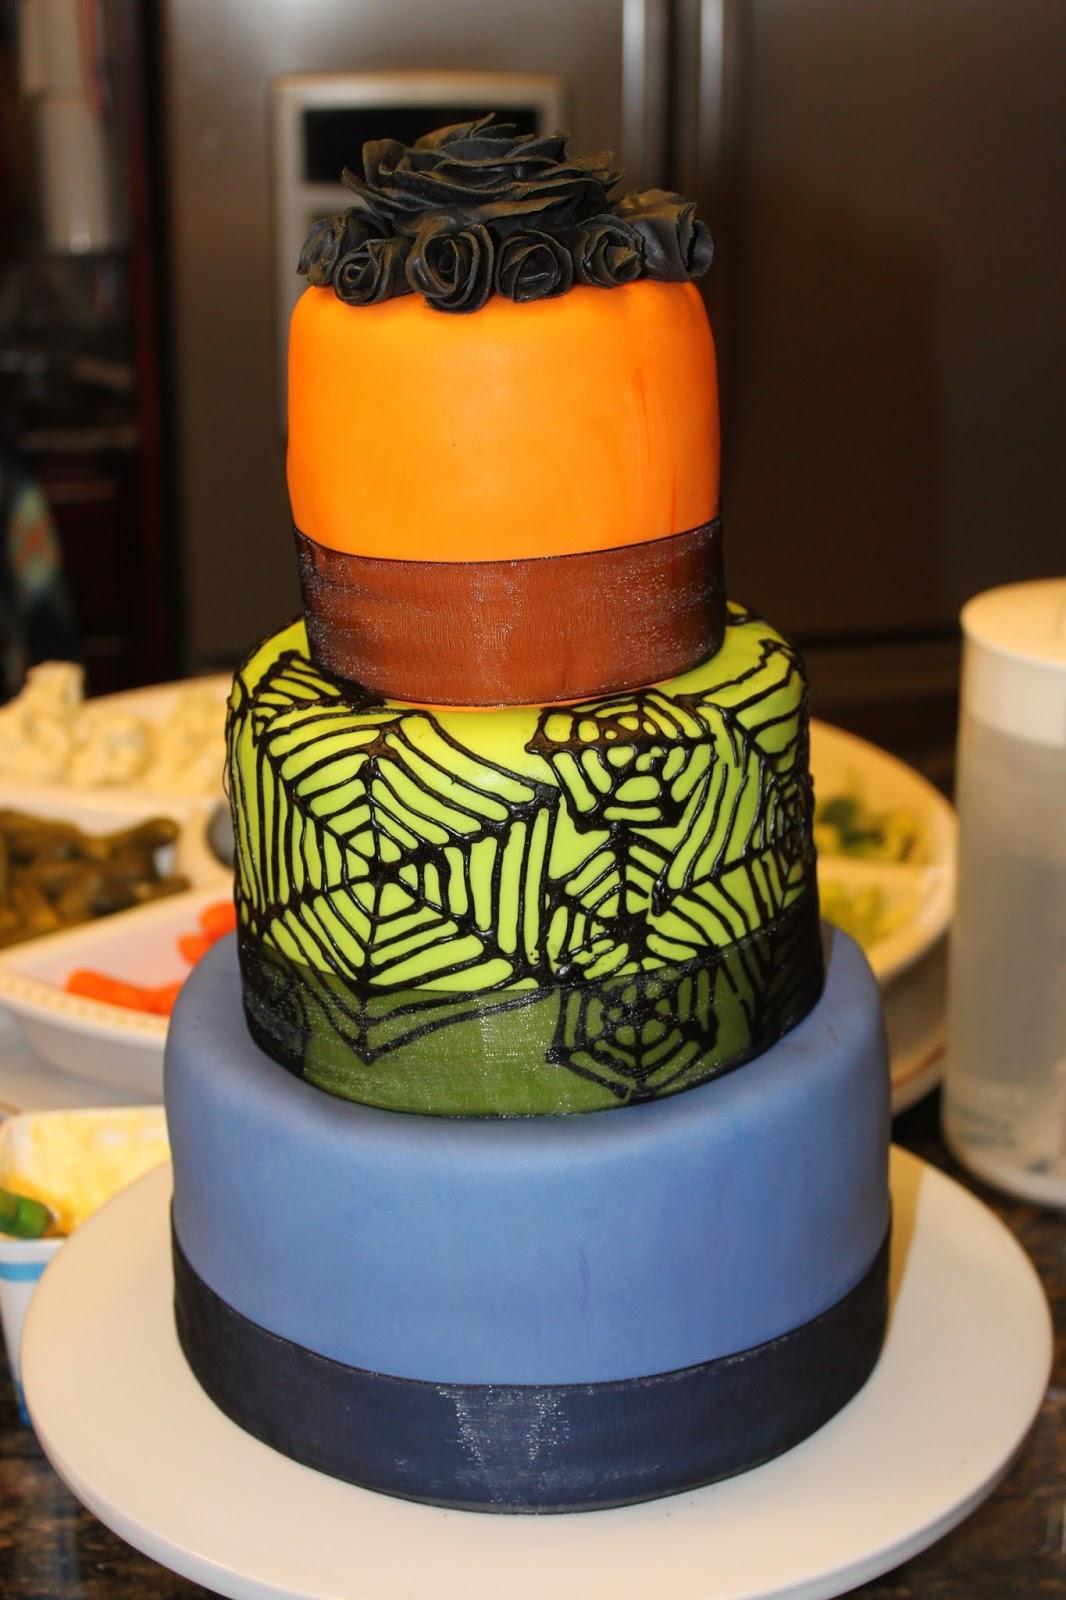 Drakes Cakes Halloween Birthday Cake